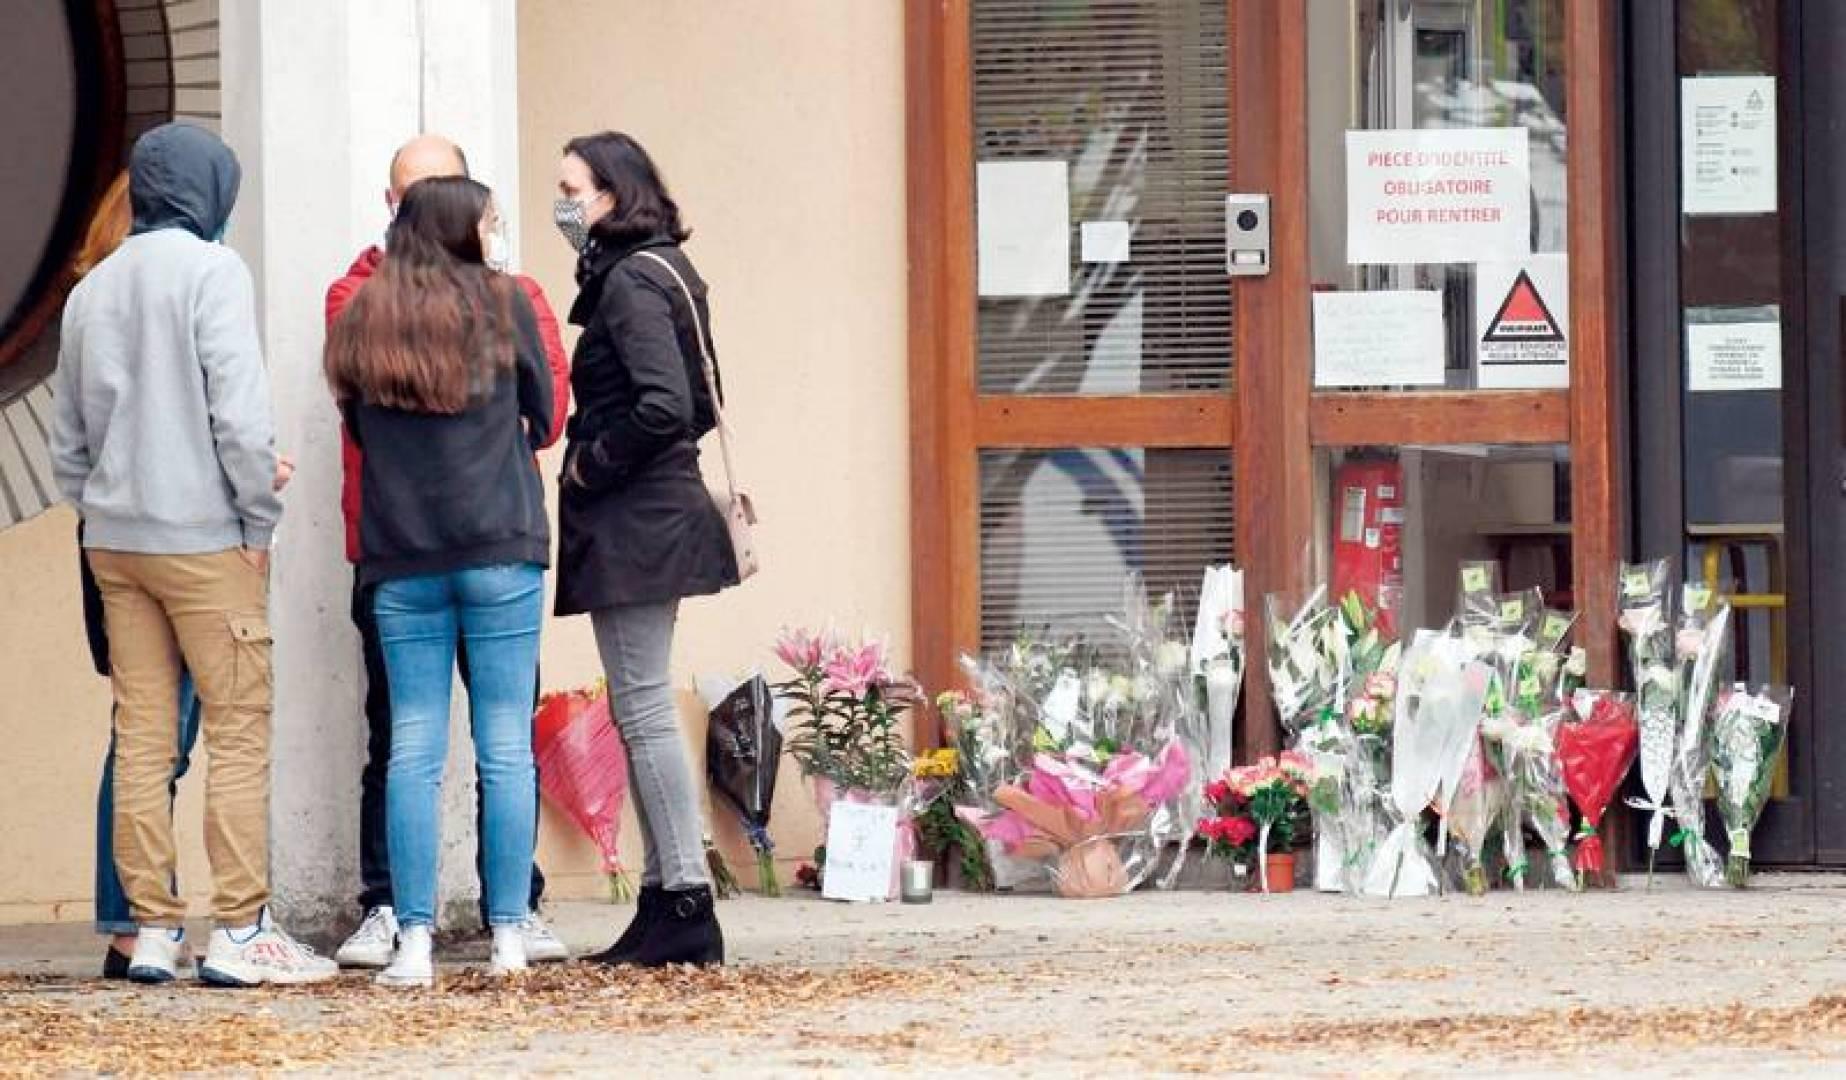 تلاميذ يتحدثون بجانب زهور عند مدخل المدرسة في كونفلان بعد قتل المدرّس (أ ف ب)